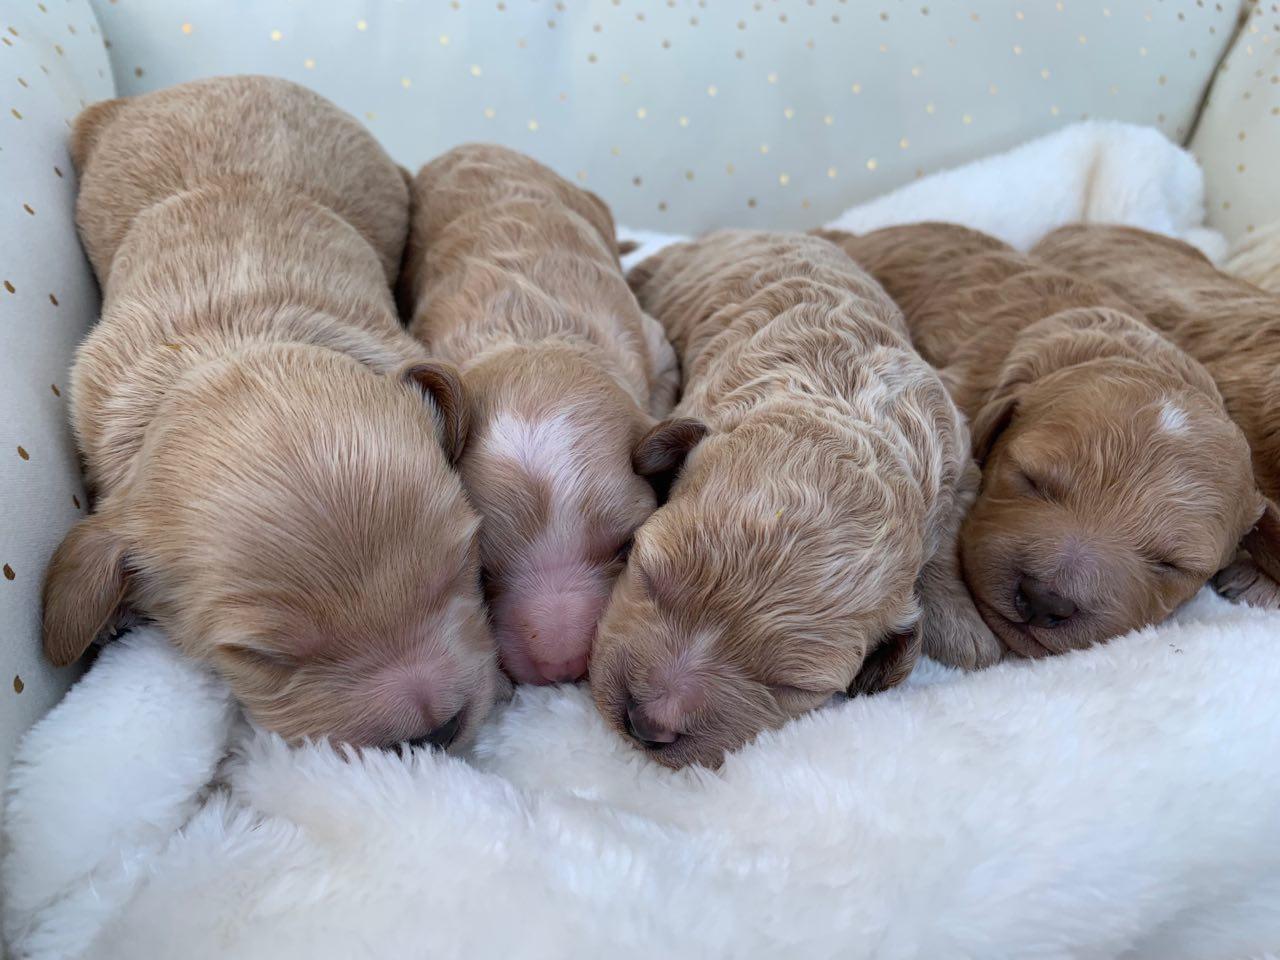 Belle's cavapoochon babies